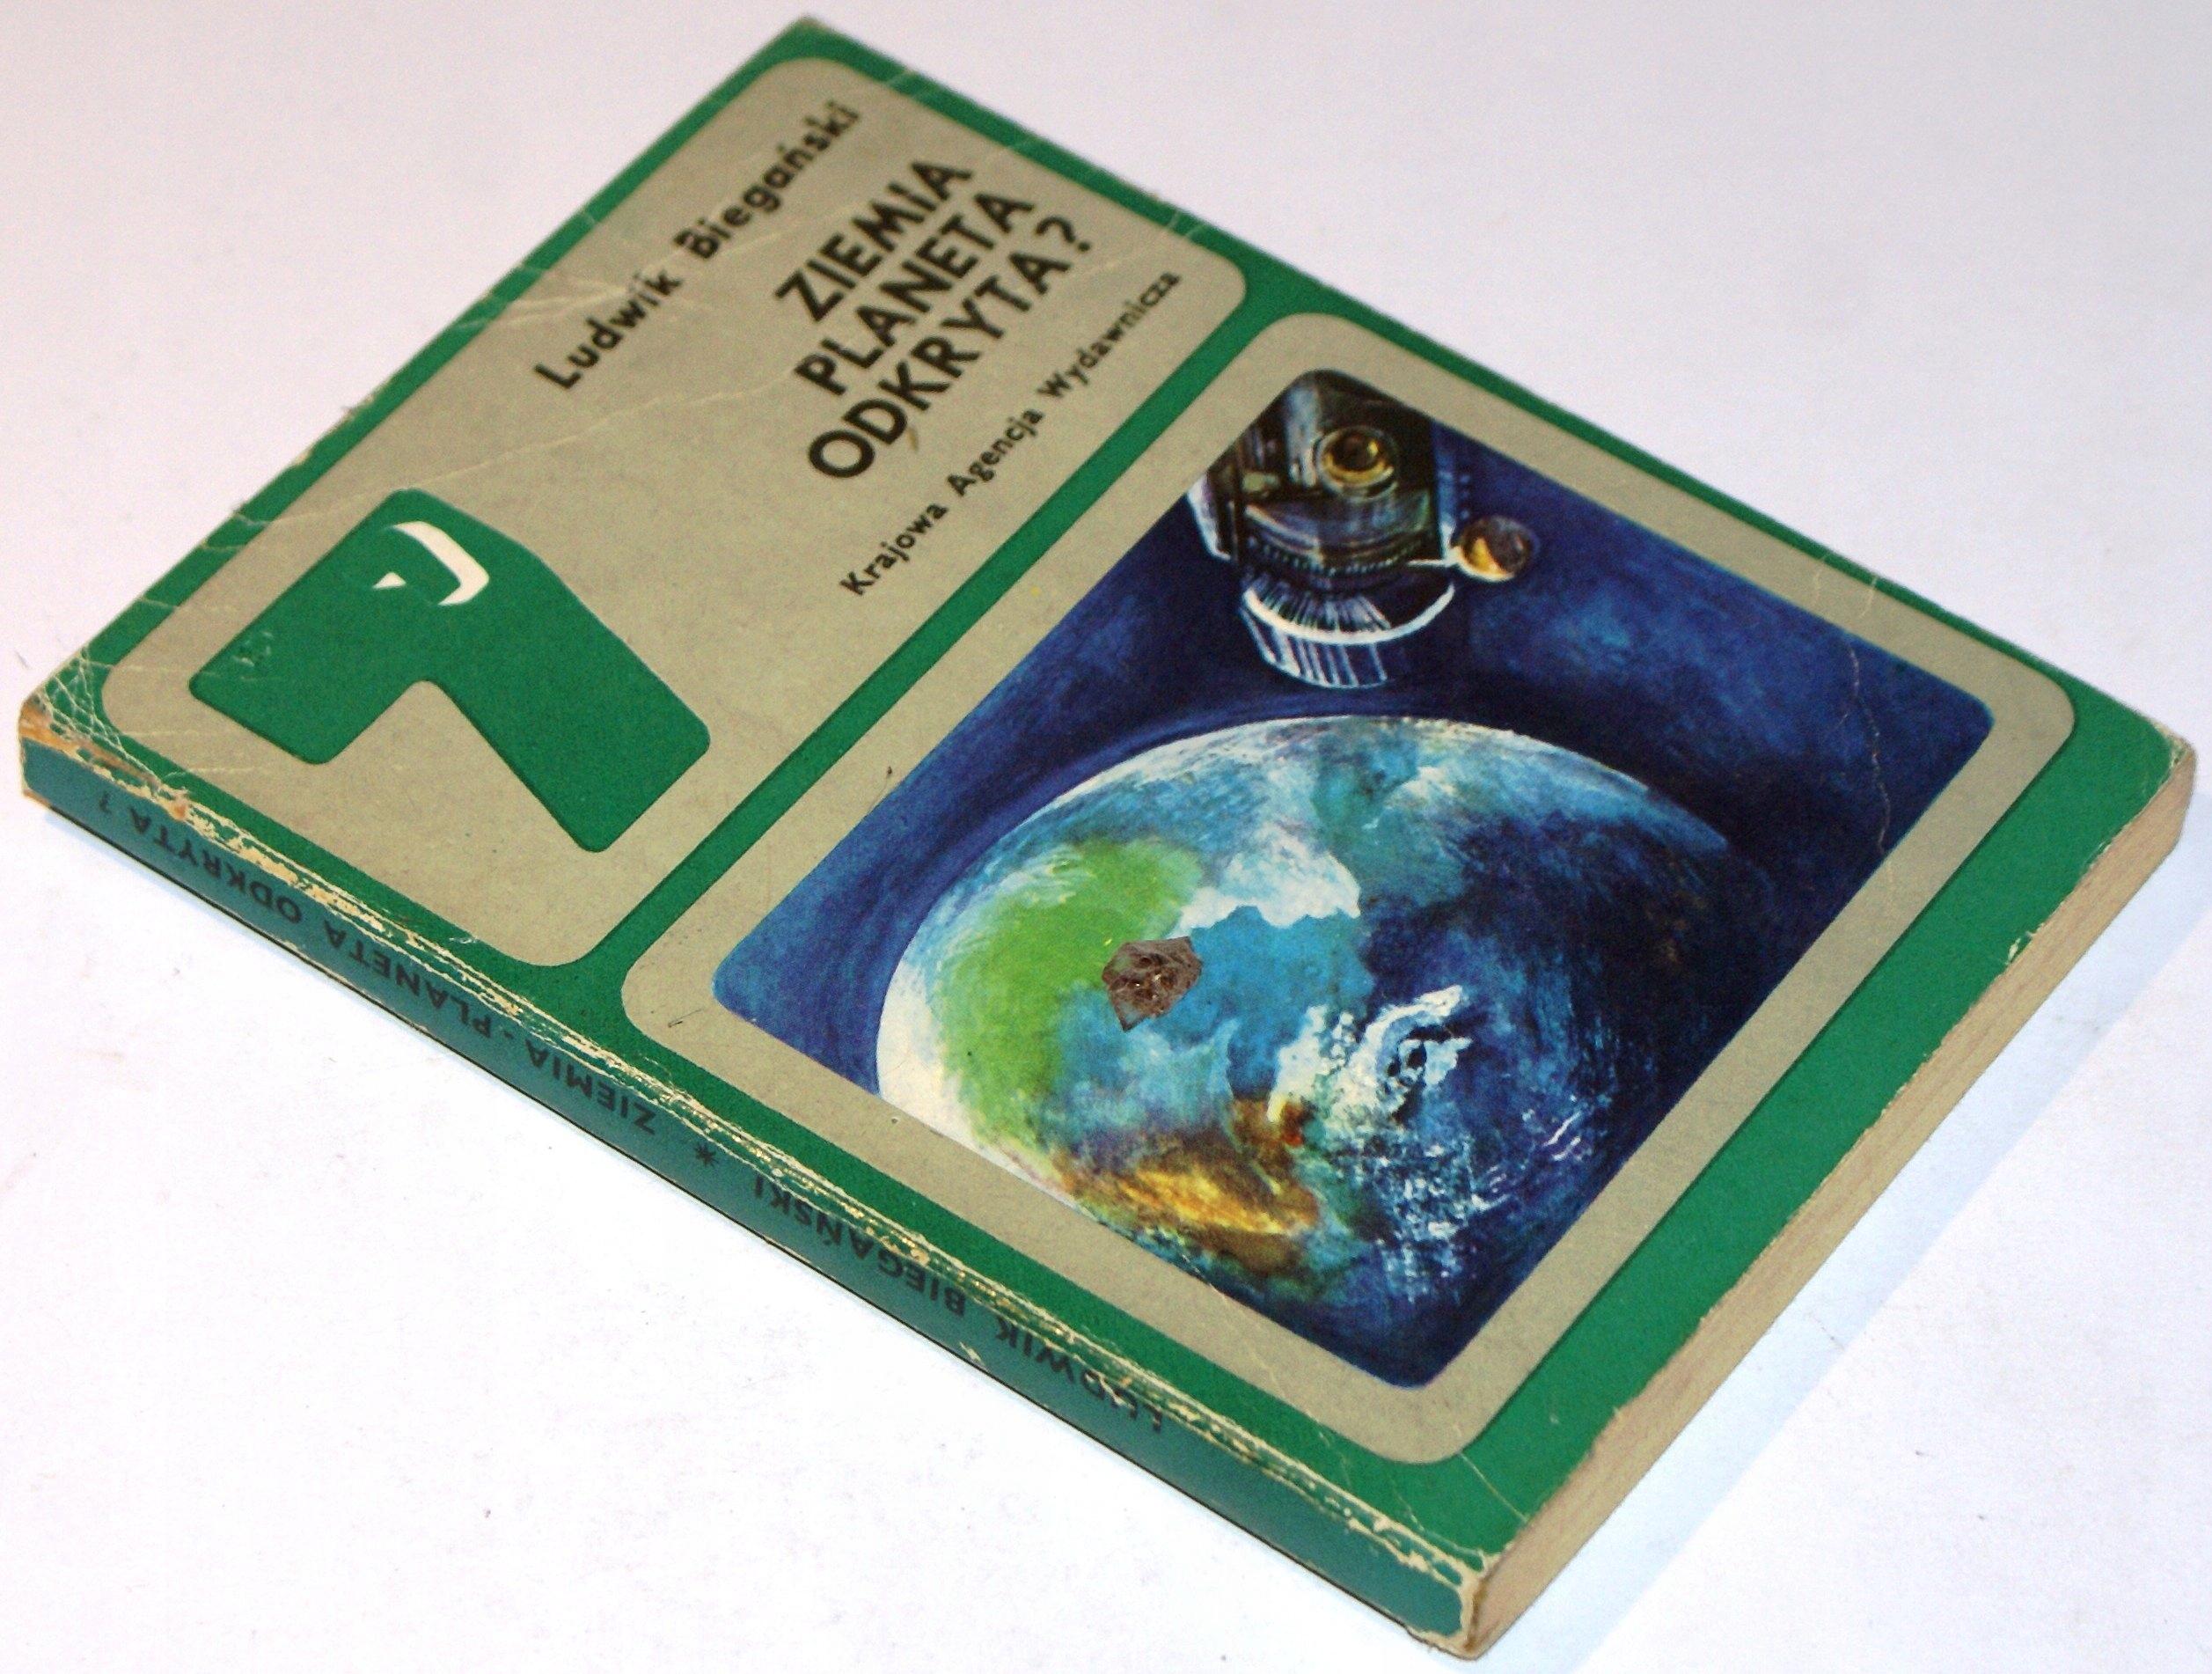 Ziemia Planeta Odkryta L Biegański 7152000715 Oficjalne